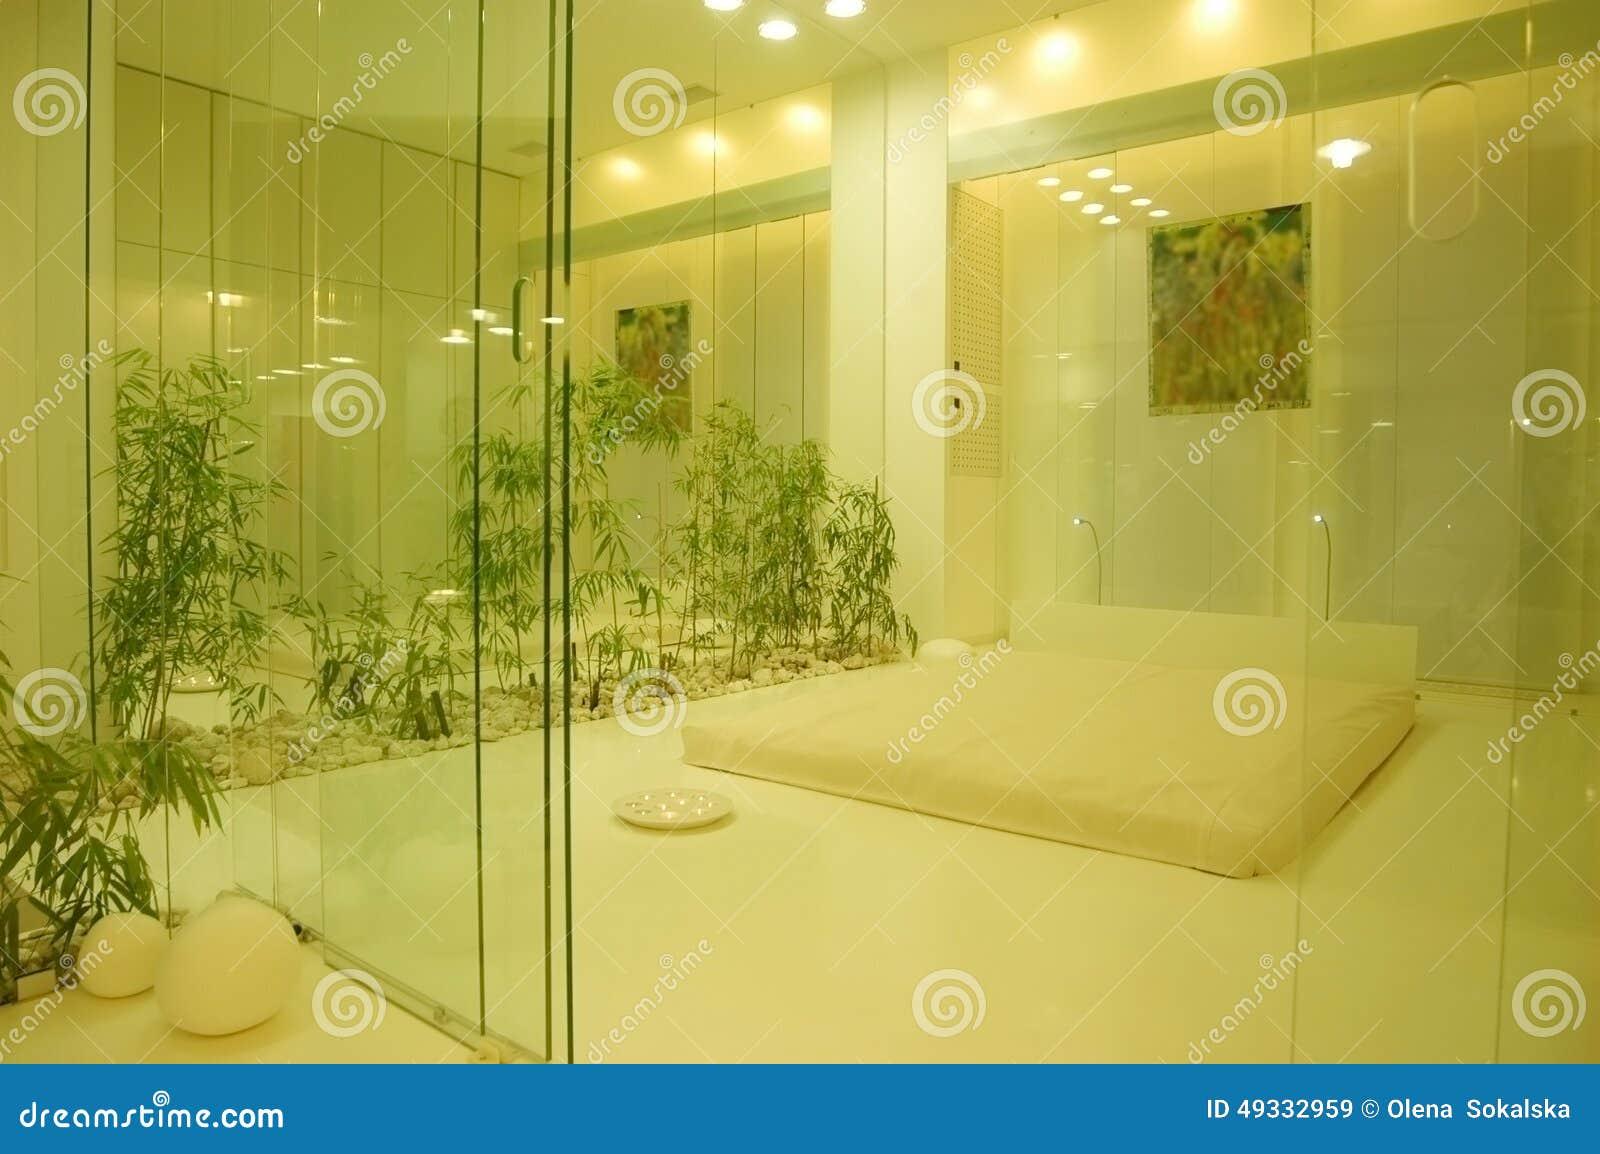 Glas In Slaapkamer : Slaapkamer achter het glas stock afbeelding afbeelding bestaande